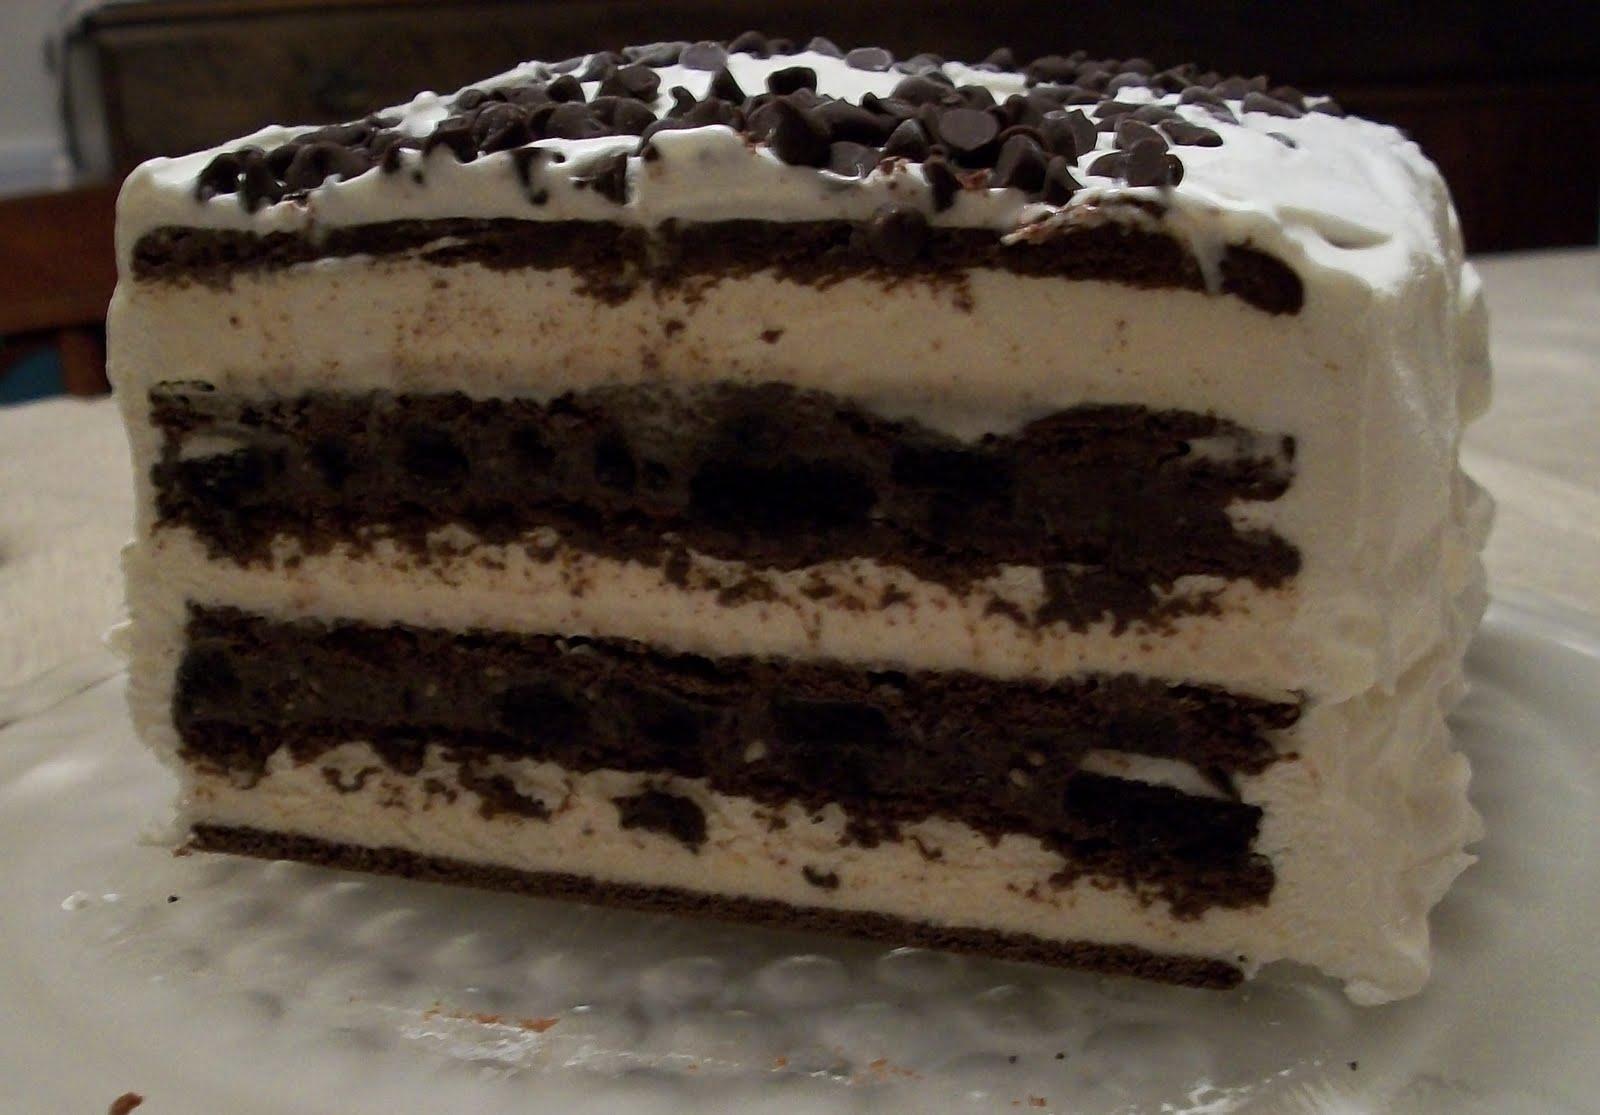 ice cream sundae 4 layer chocolate cake ice cream sundae 4 layer ...